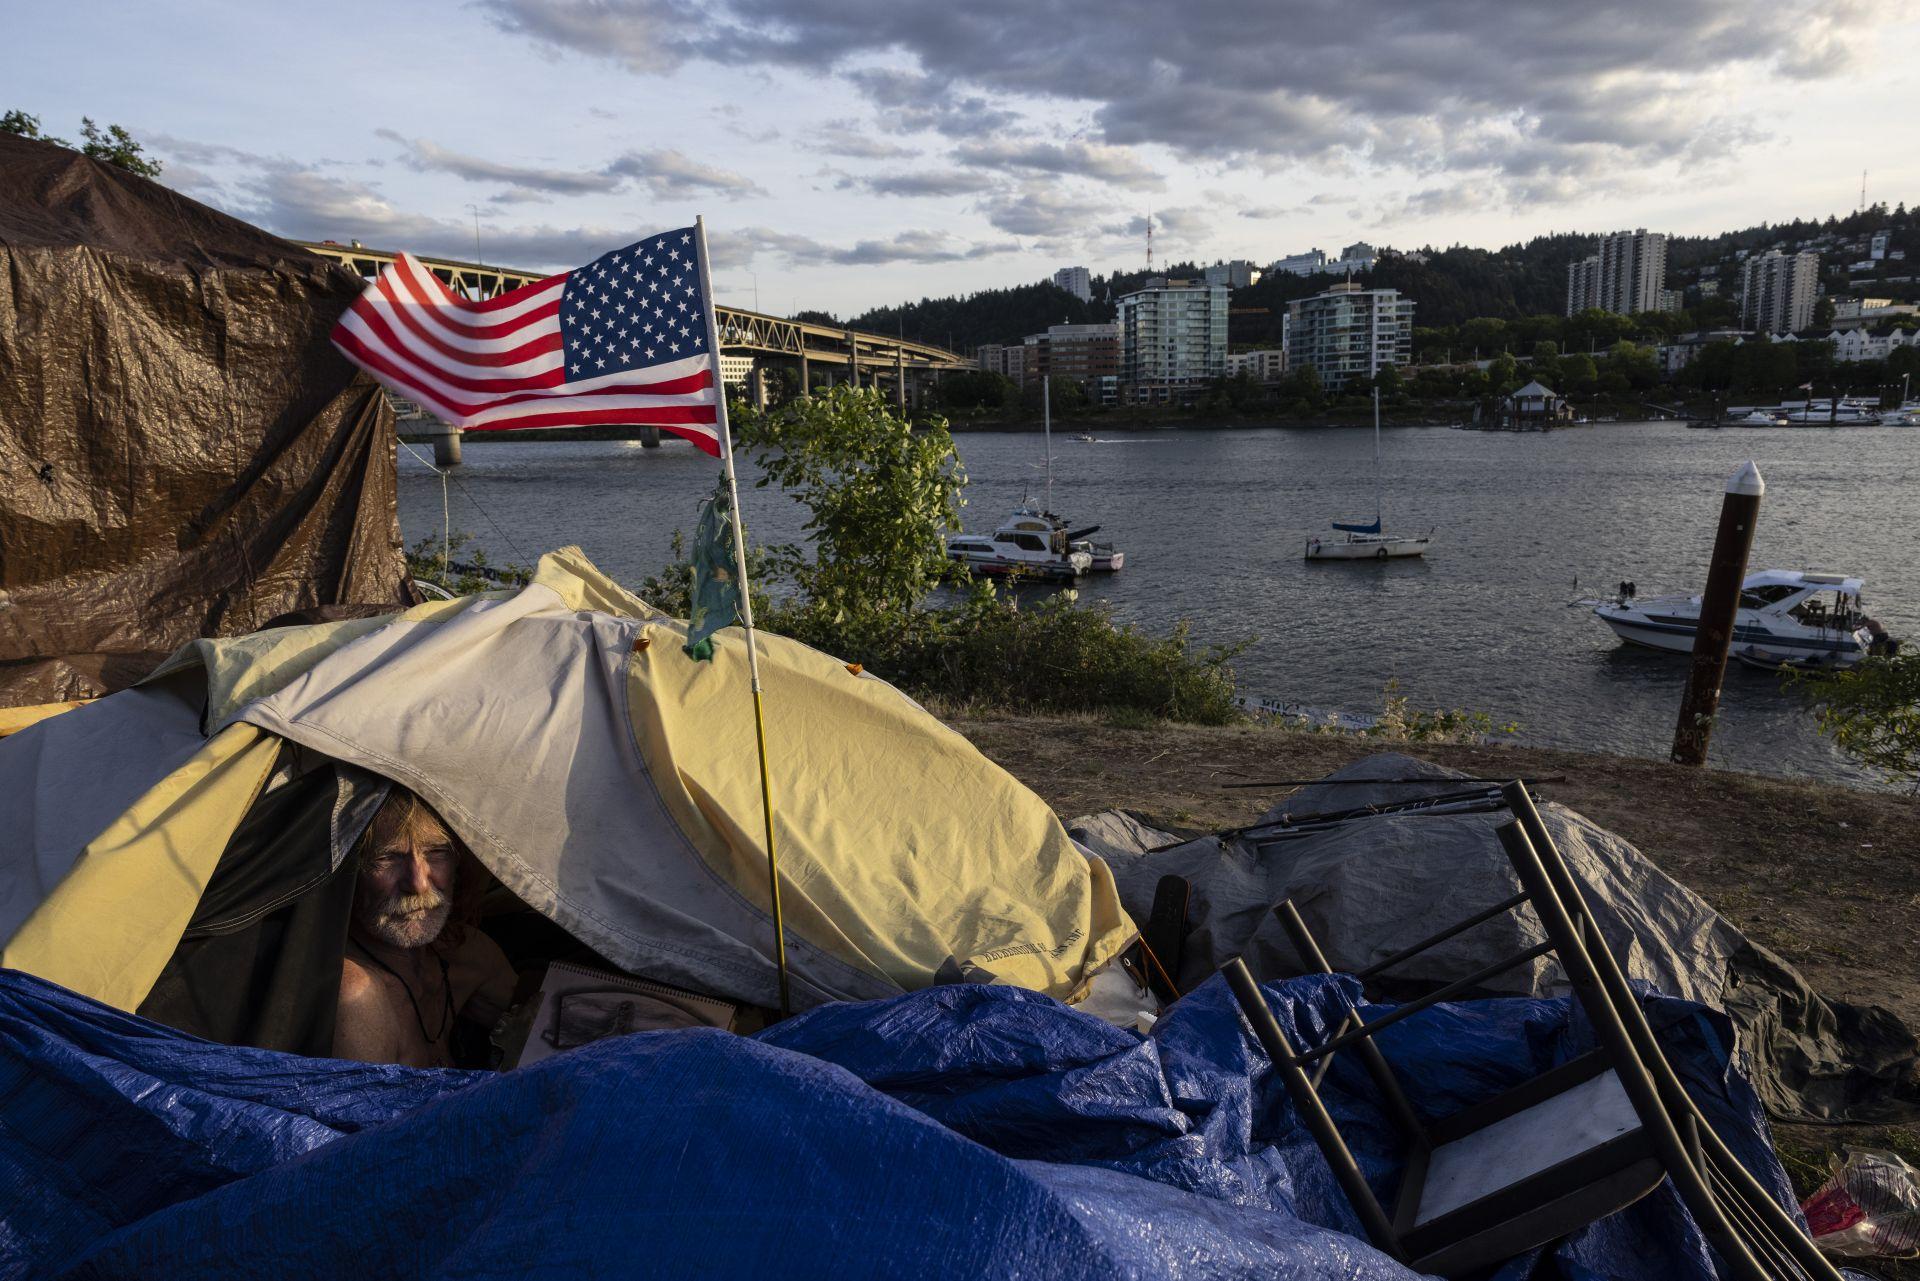 10 юни 2021 г. - Бездомникът Франк стои в палатката си с изглед към реката в Портланд, Орегон. Протестите след убийството на Джордж Флойд, нарастването на смъртта от въоръжено насилие и все повечето бездомници предизвикват въпроса, дали най-големият град в Орегон може да се възстанови.